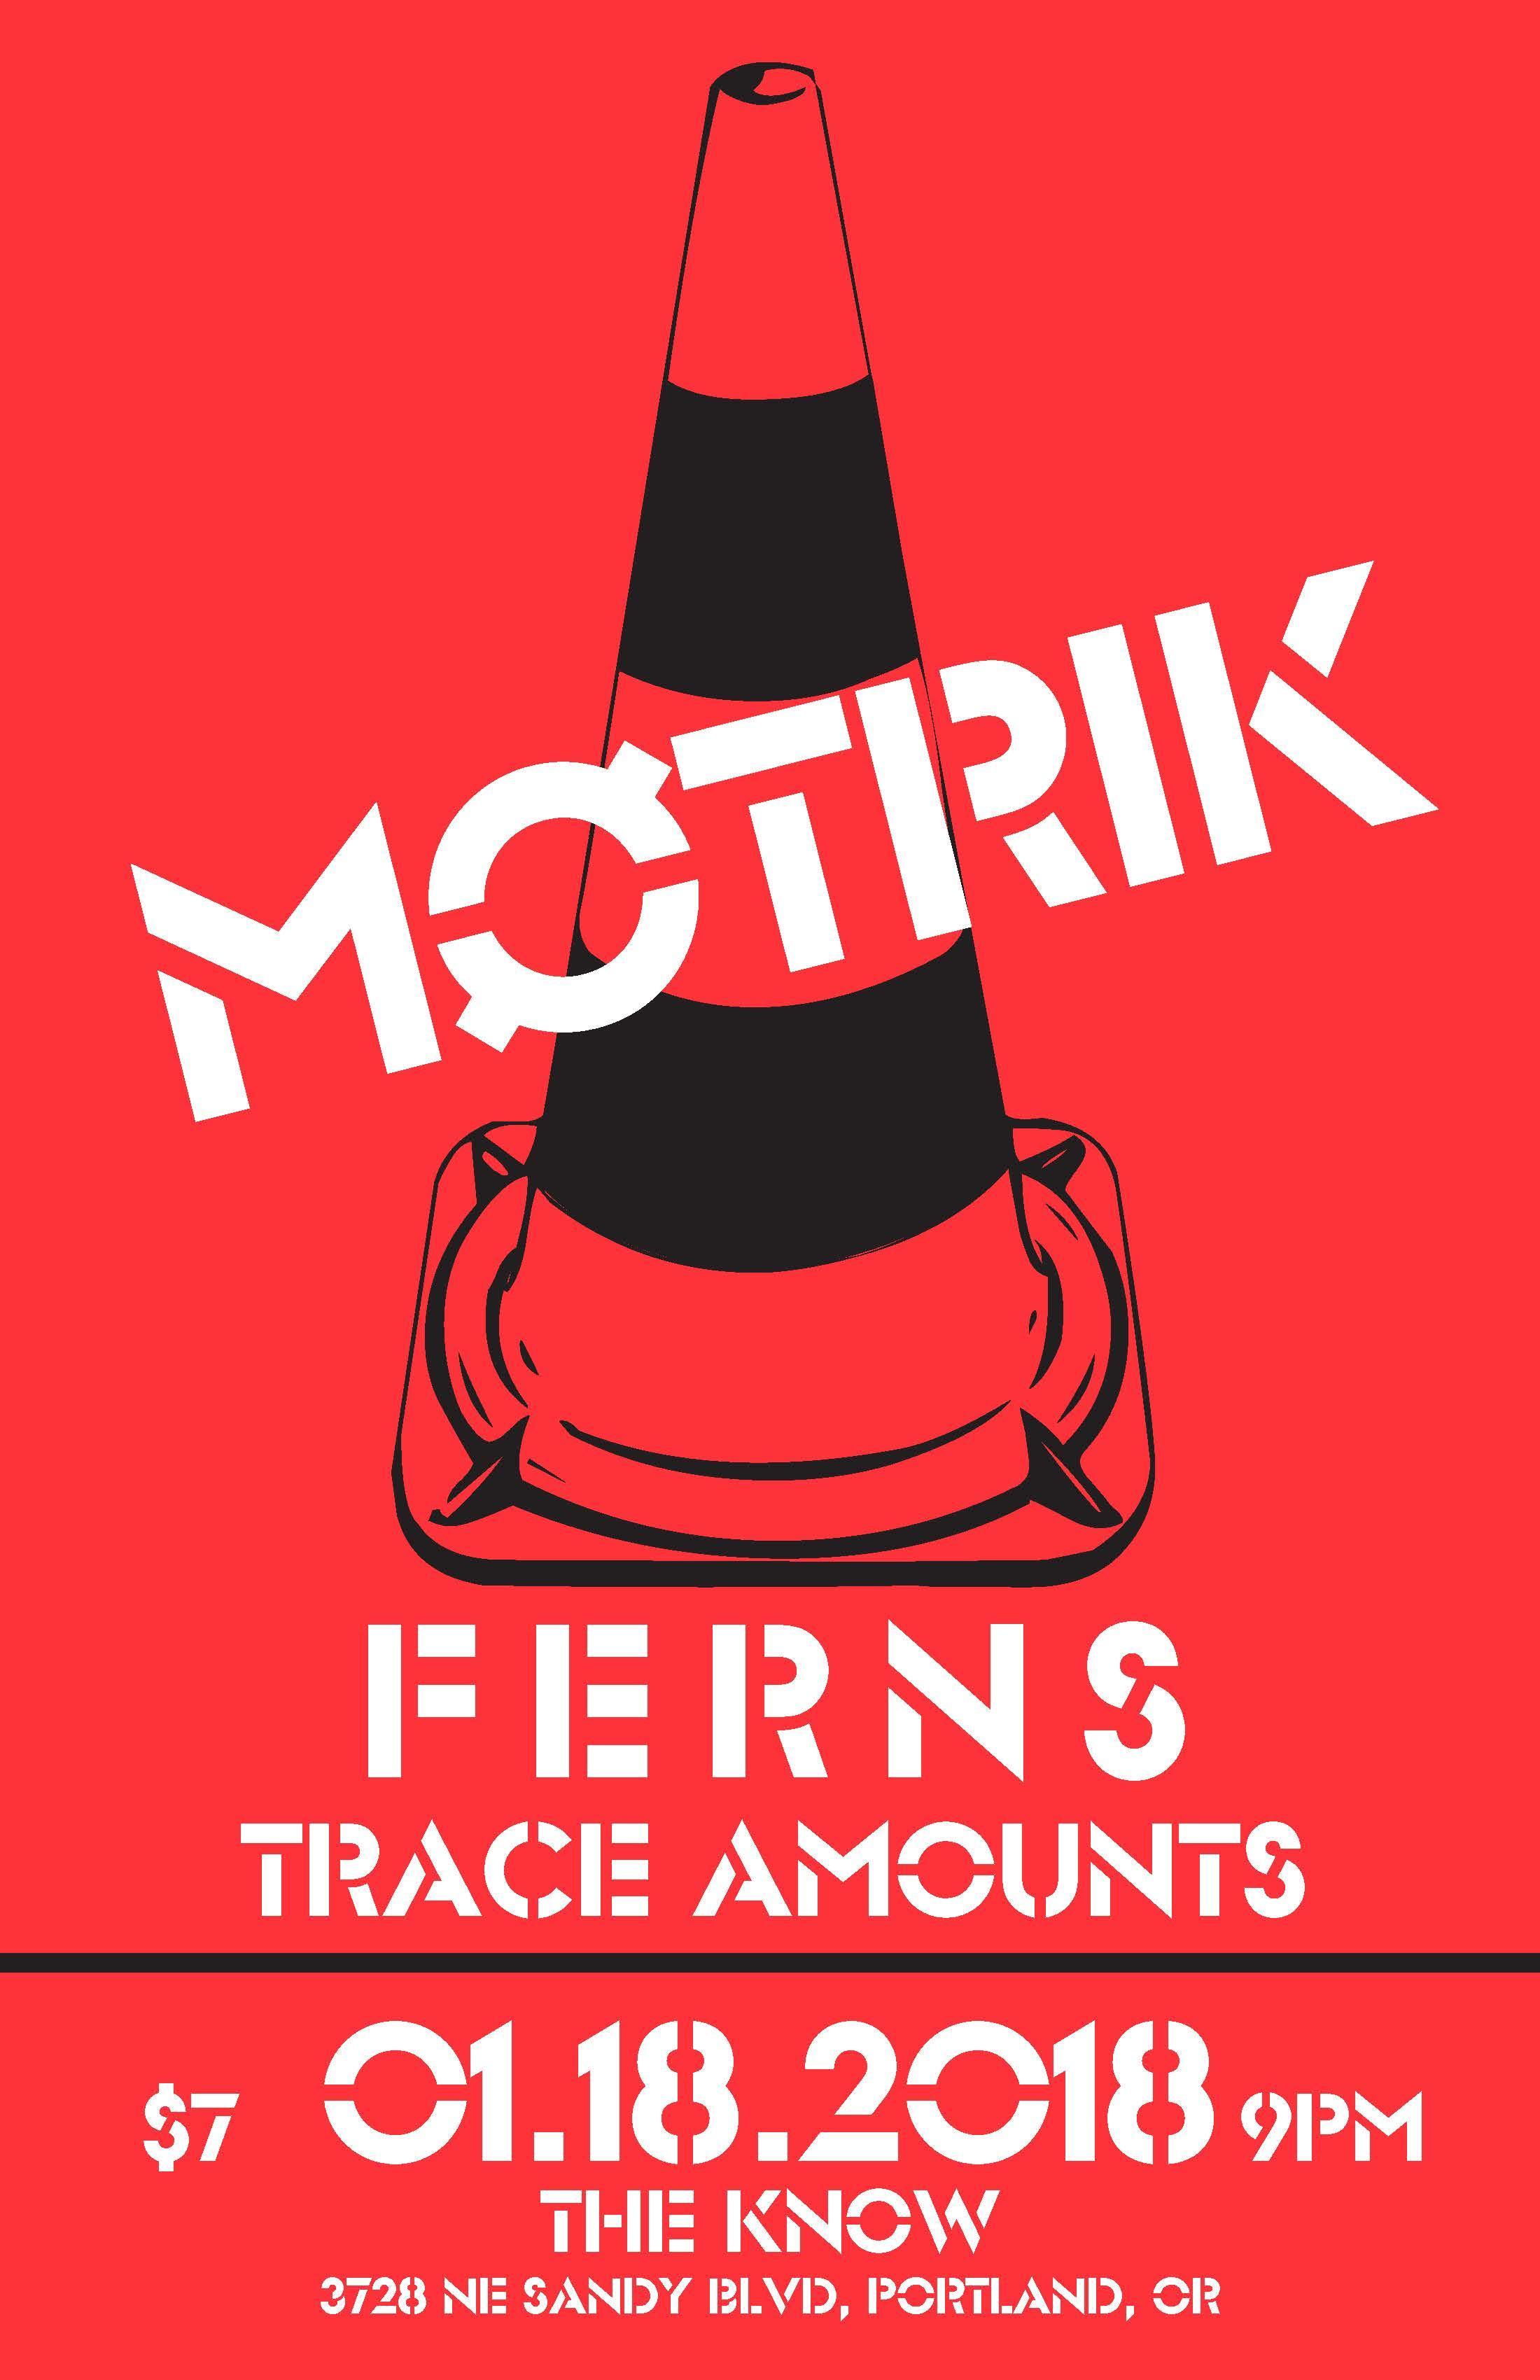 Møtrik // Ferns // Trace Amounts